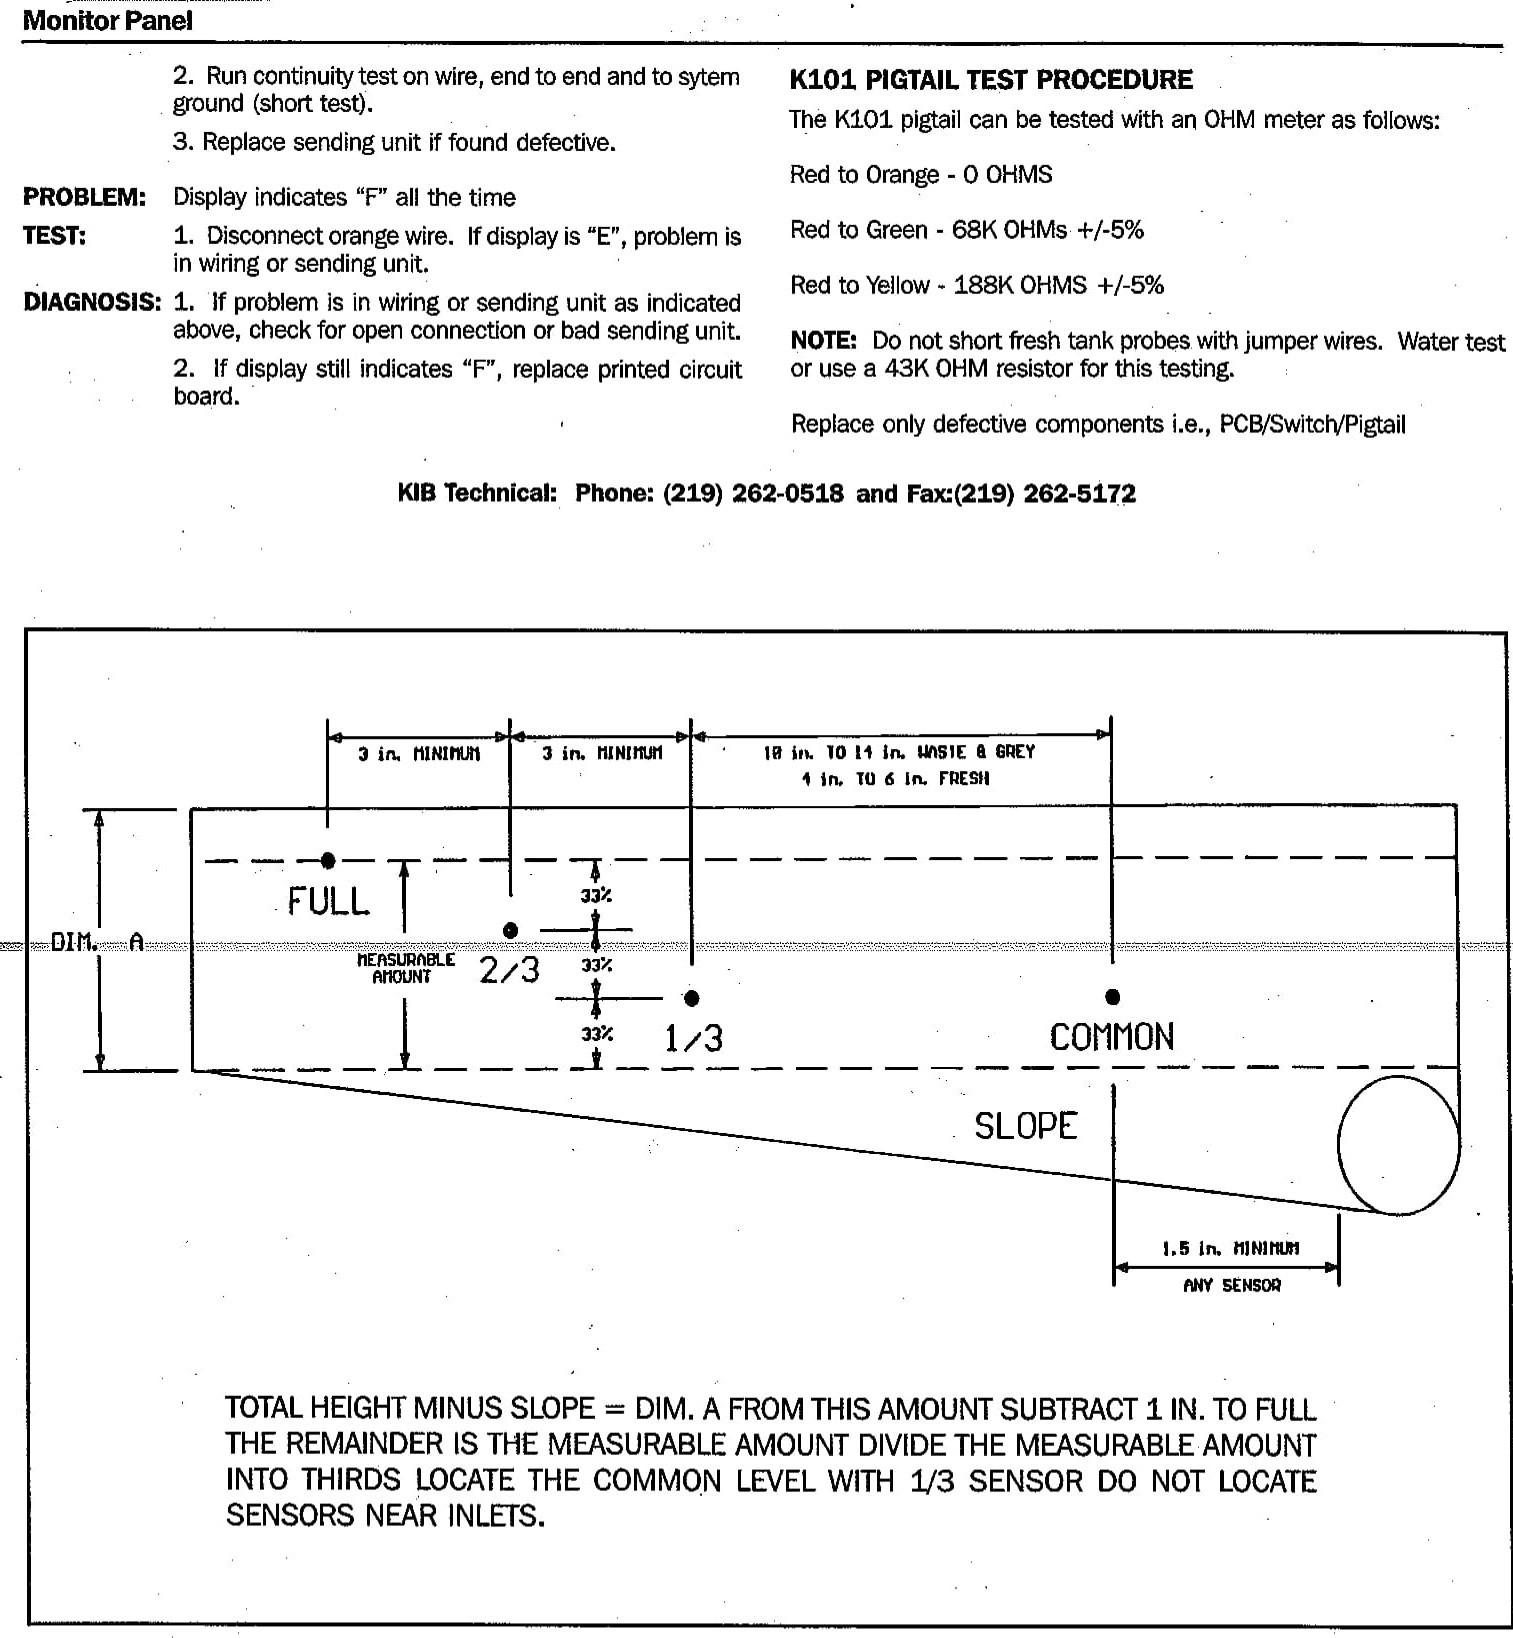 Kib Micro Monitor Manual Cd79 Kib Monitor Wiring Diagram Of Kib Micro Monitor Manual